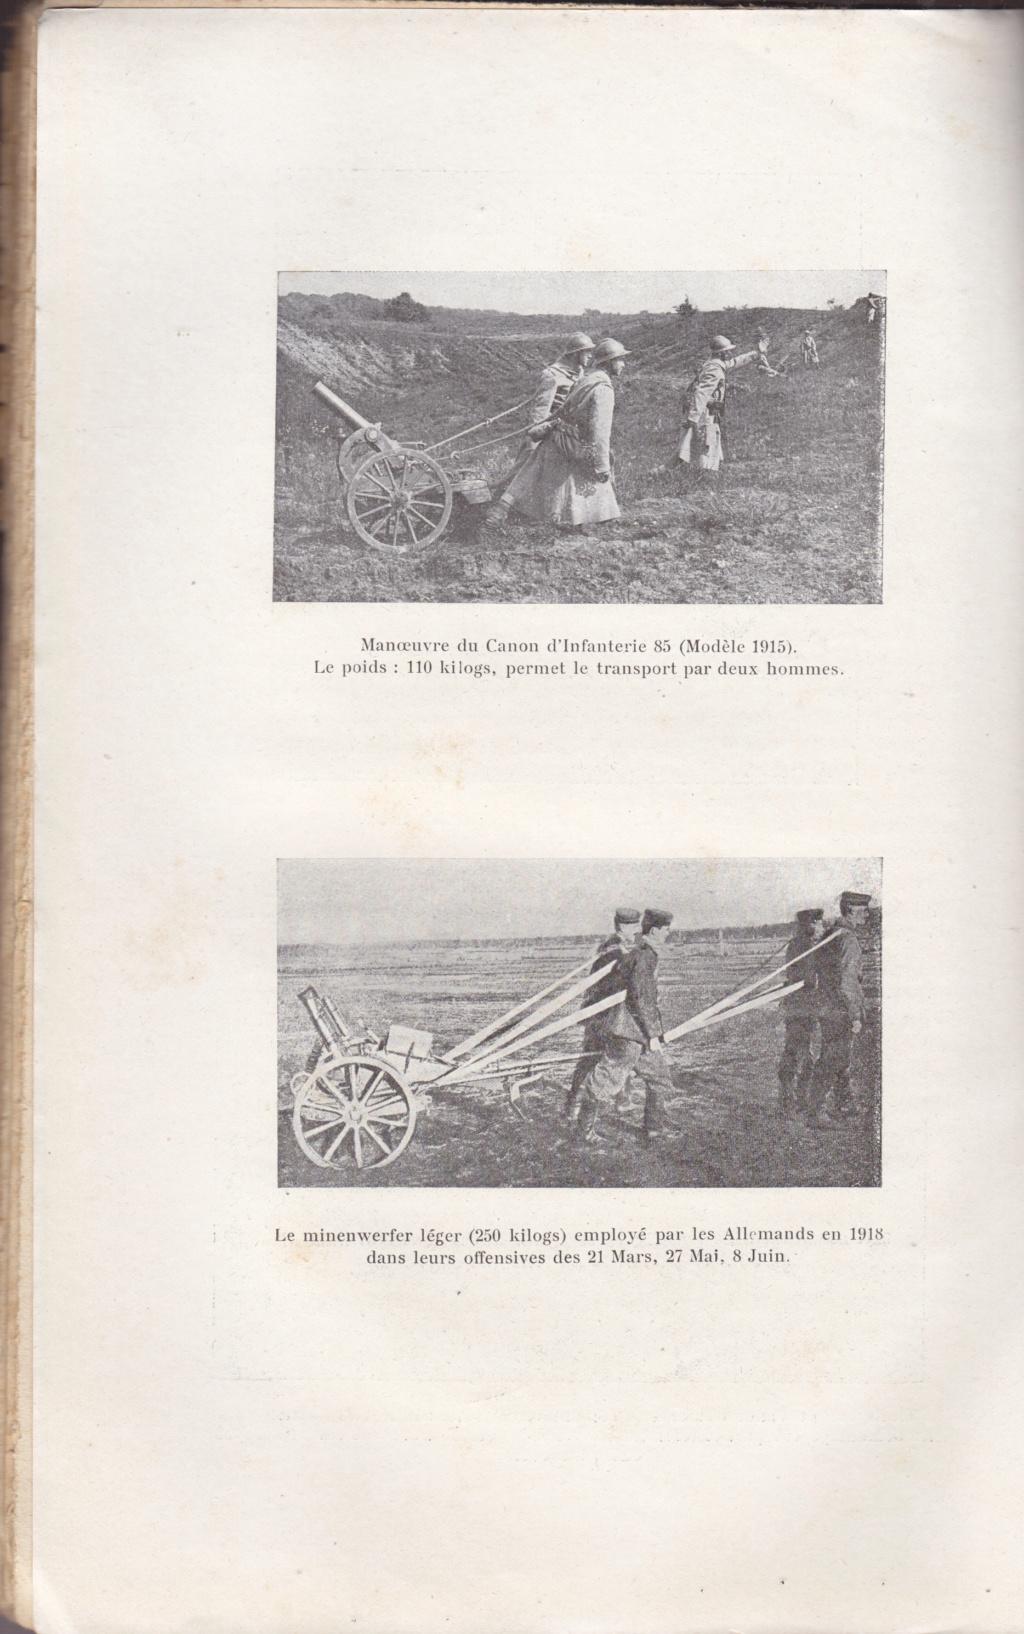 Histoire d'un homme qui inventa un canon dont personne ne voulait J_arch22